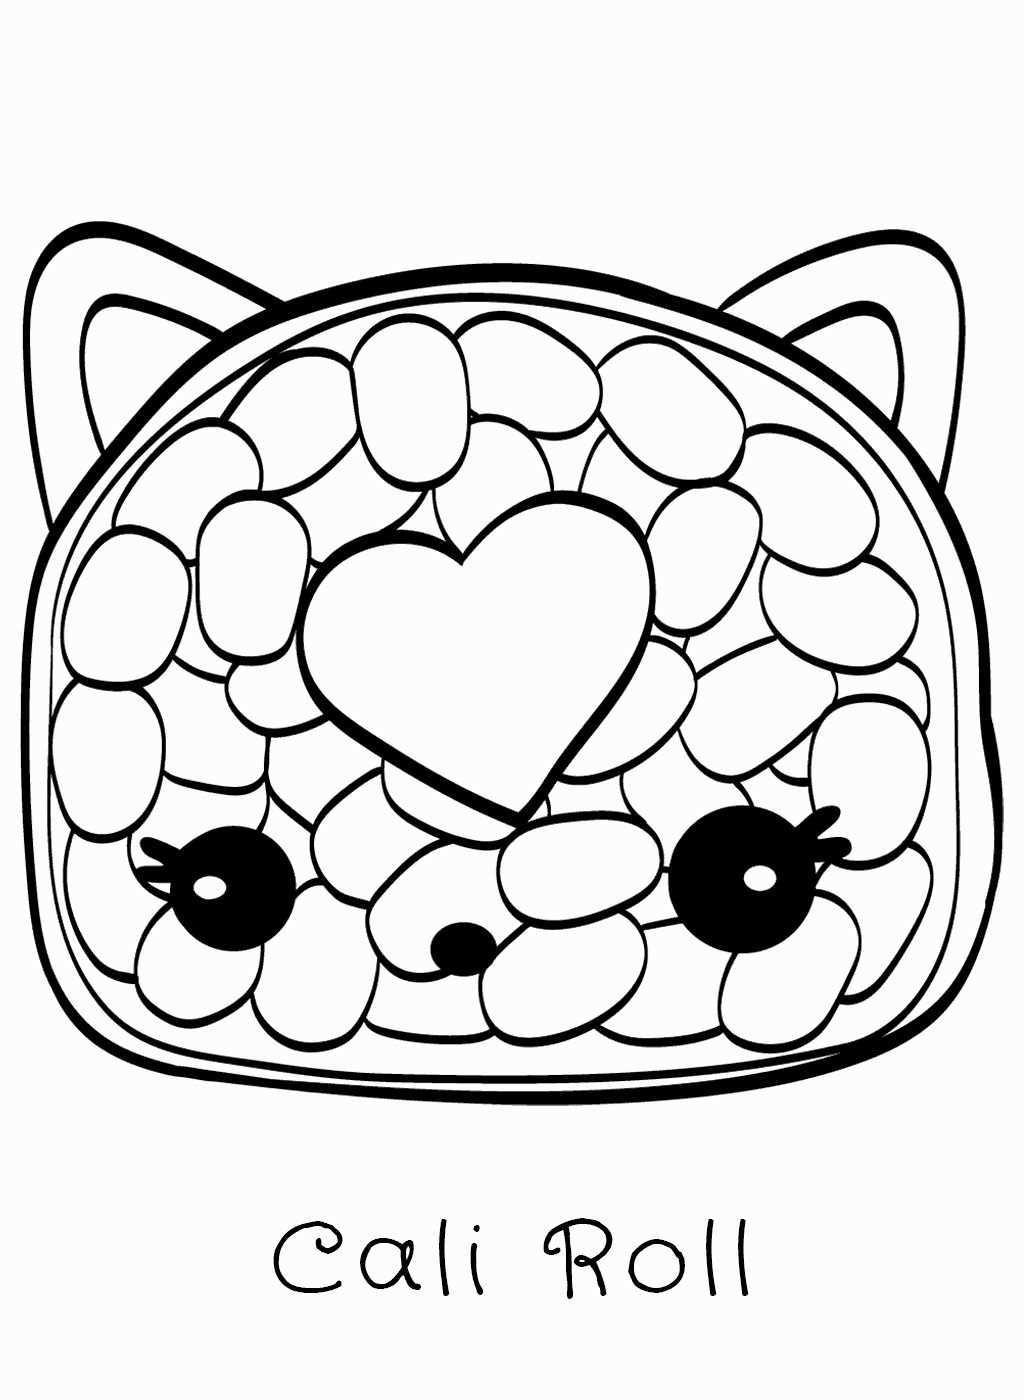 Num Noms Coloring Page Beautiful Num Noms Coloring Pages Best Coloring Pages For Kids In 2020 Coloring Pages For Kids Cute Coloring Pages Cat Coloring Page